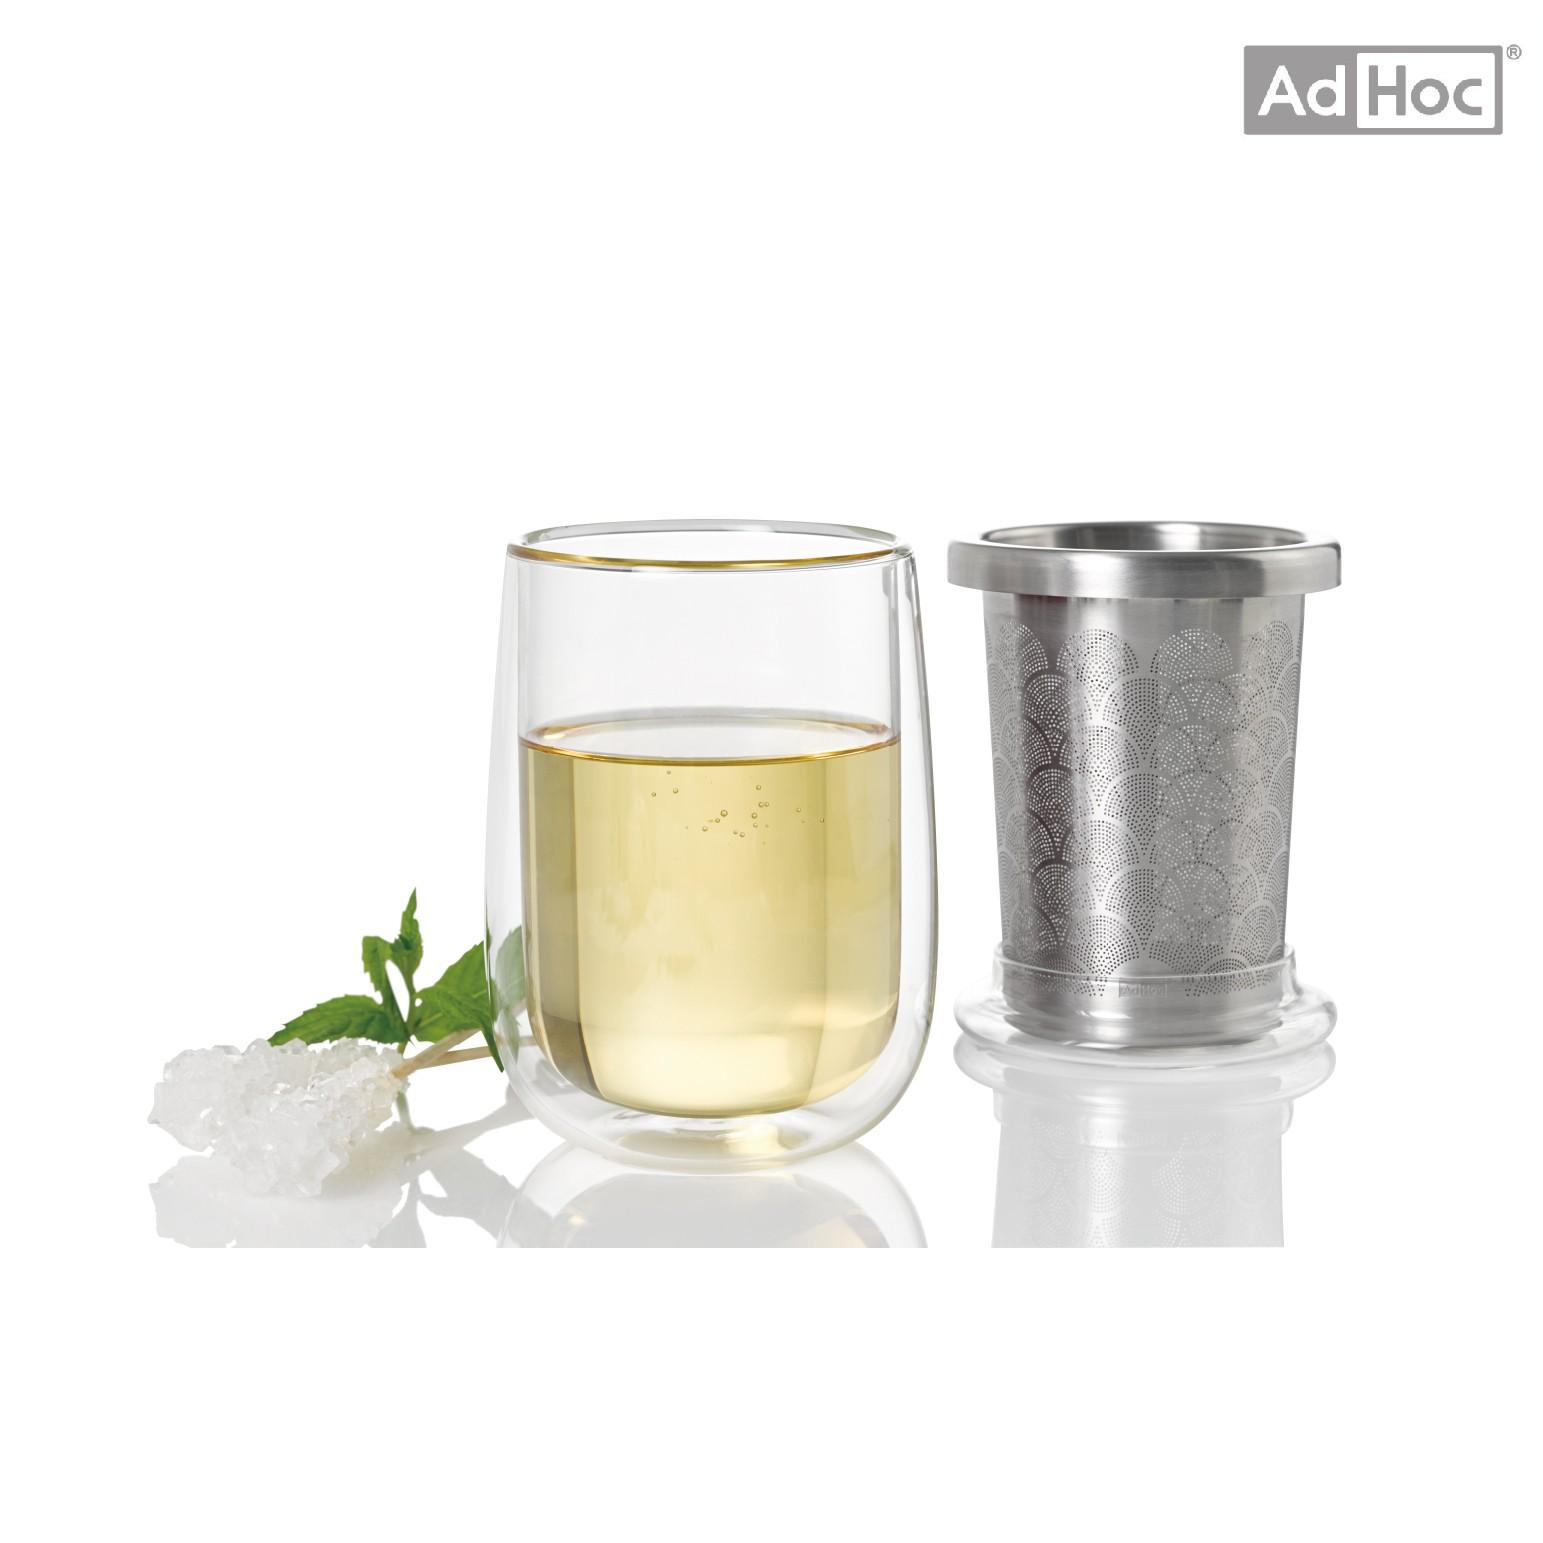 AdHoc 雙層玻璃杯附不銹鋼濾茶器 (TF20)